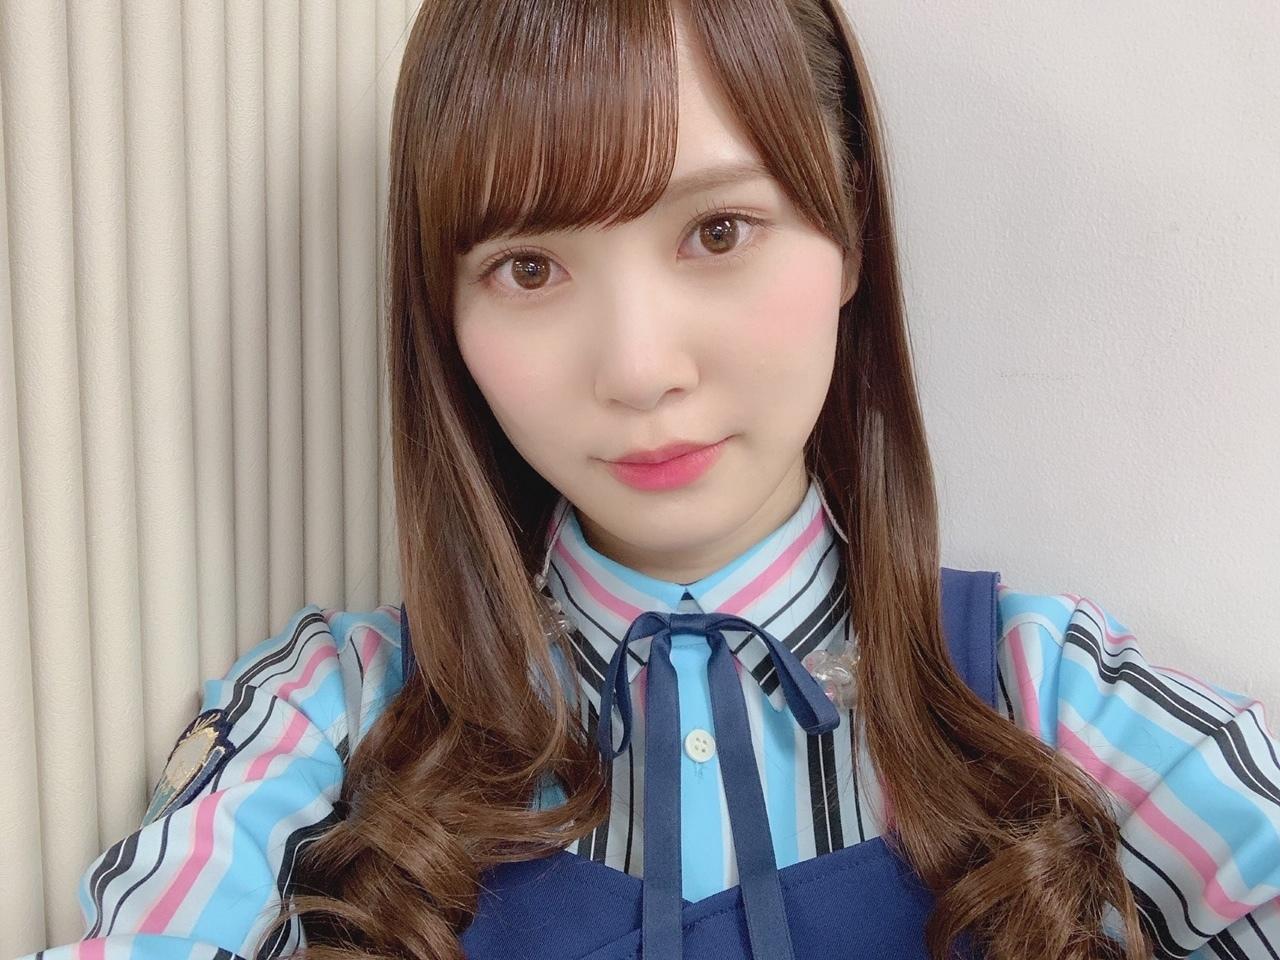 日向坂46 キュン 衣装